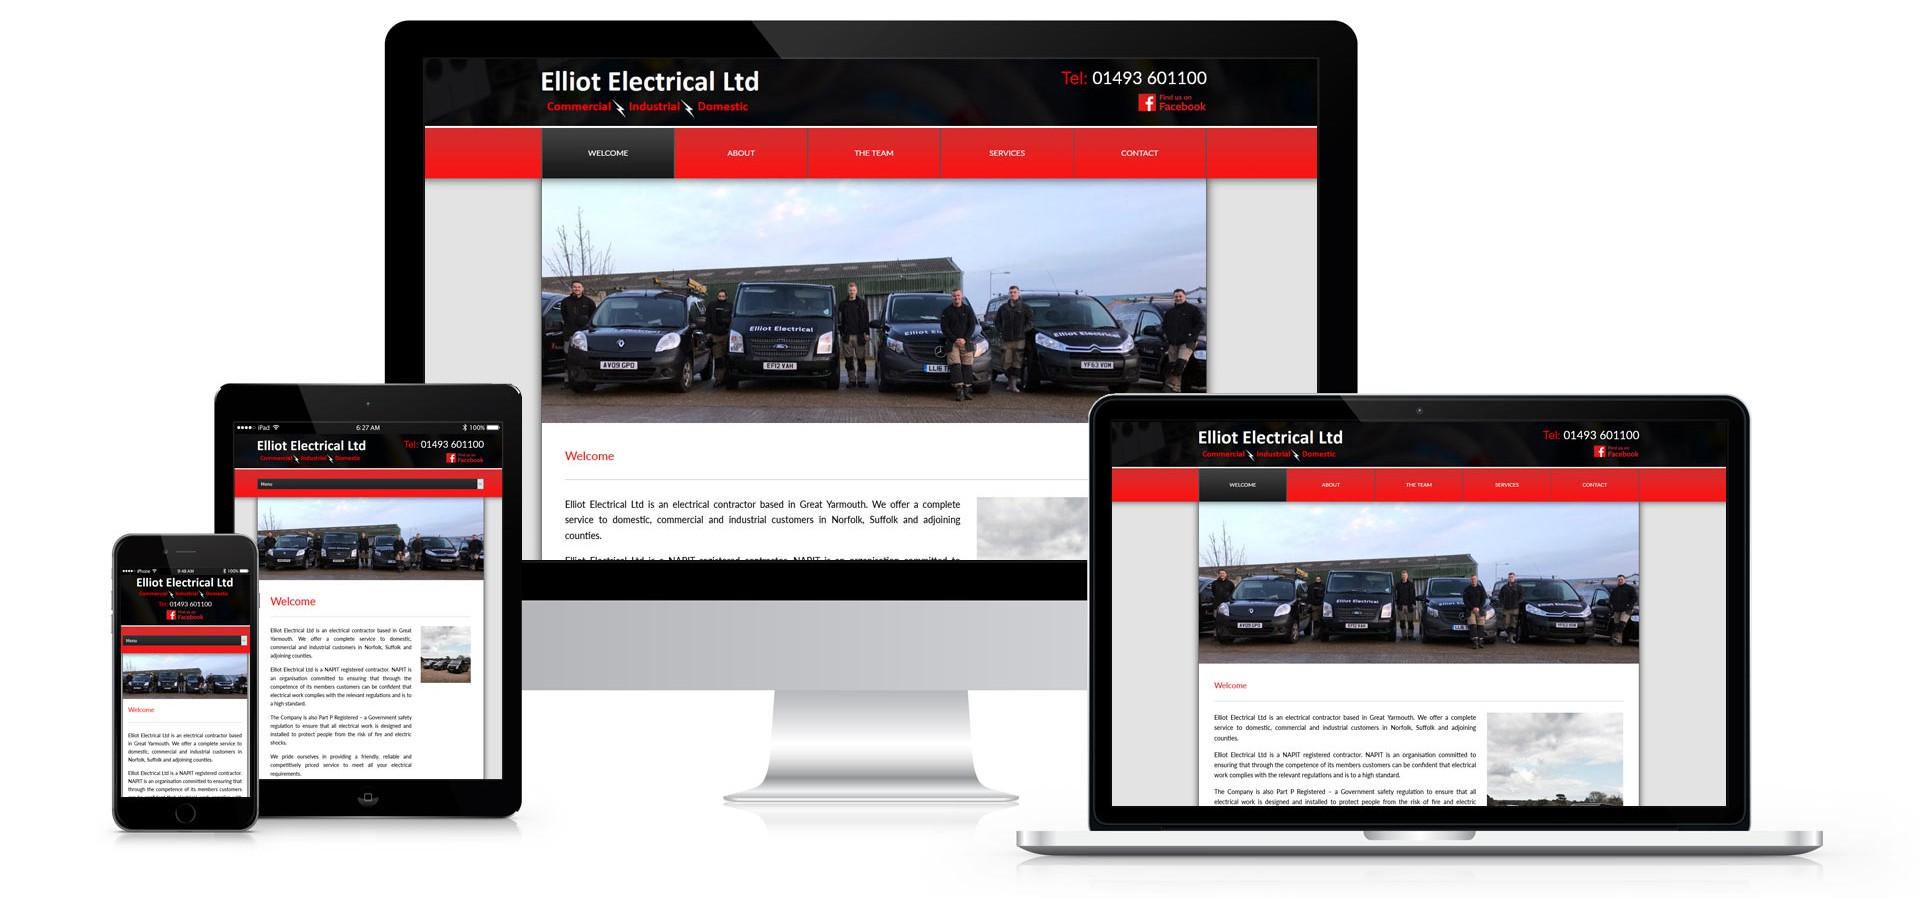 Elliot Electrical Limited - Responsive Website Design